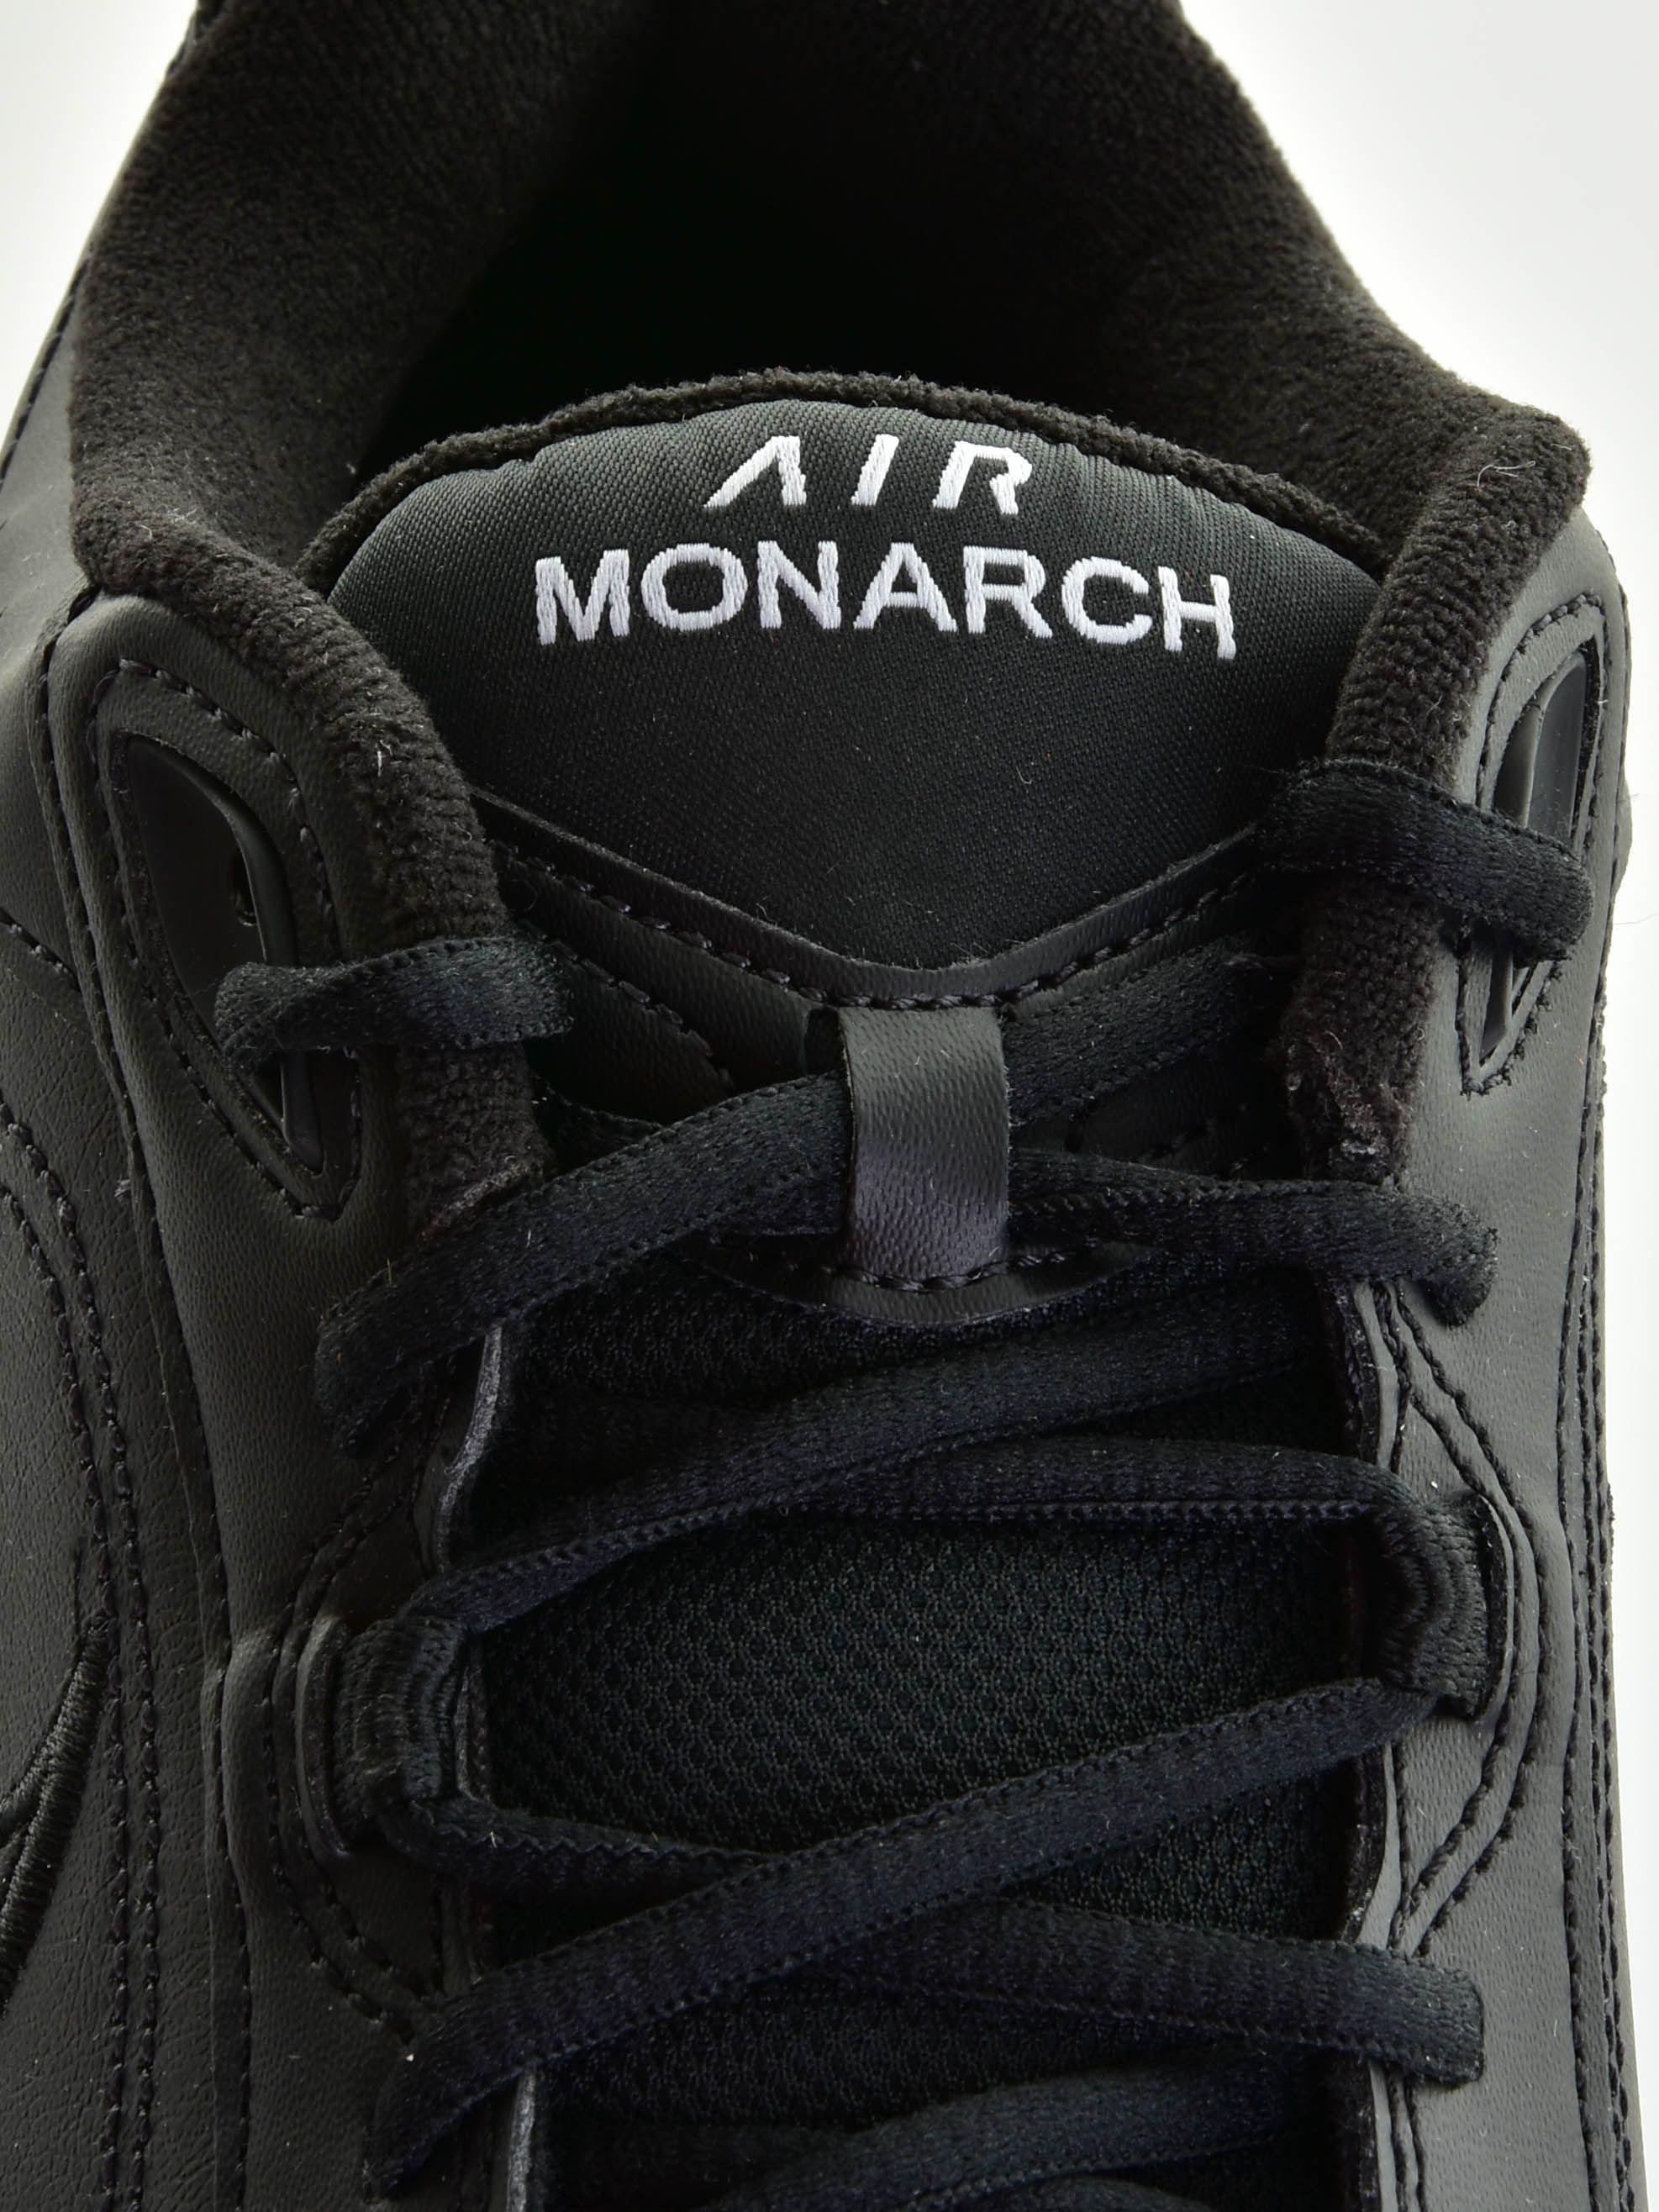 fa260fb9bf5a Nike férfi cipő Air Monarch IV Training Shoe | Markasbolt.hu ...